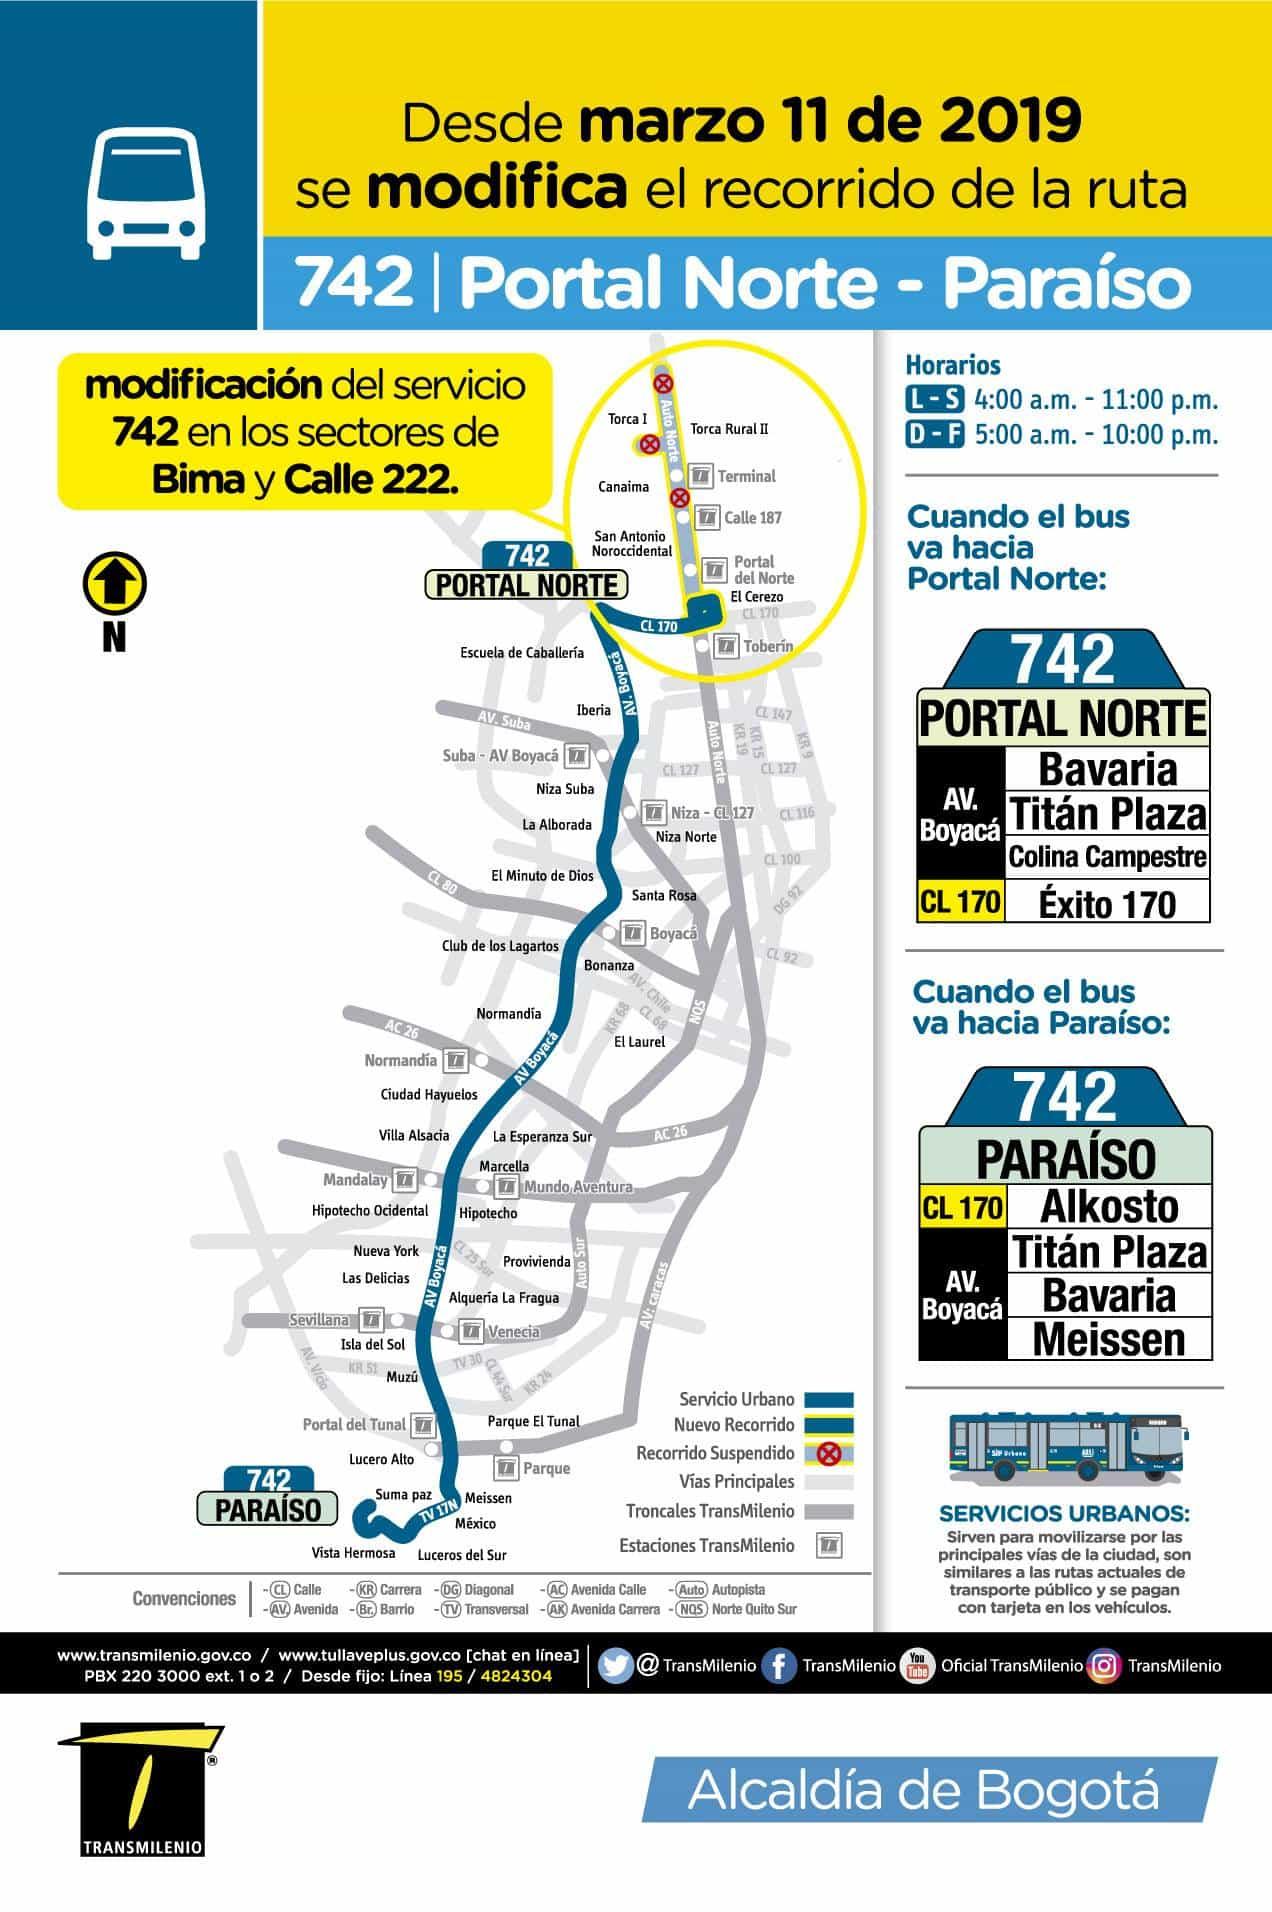 Mapa bus urbano desde el 11 de marzo de 2019, recortada hasta Portal Norte